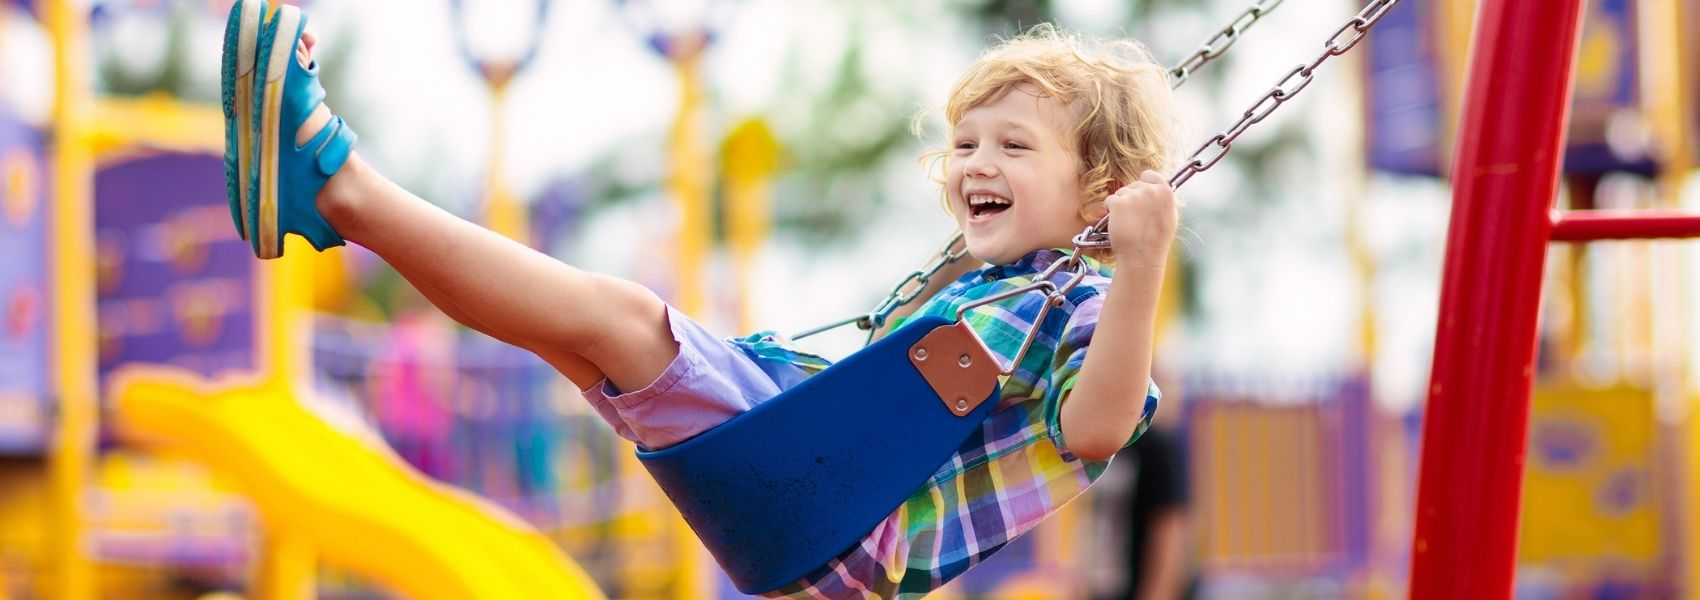 Dicas para brincadeiras em segurança no parque infantil